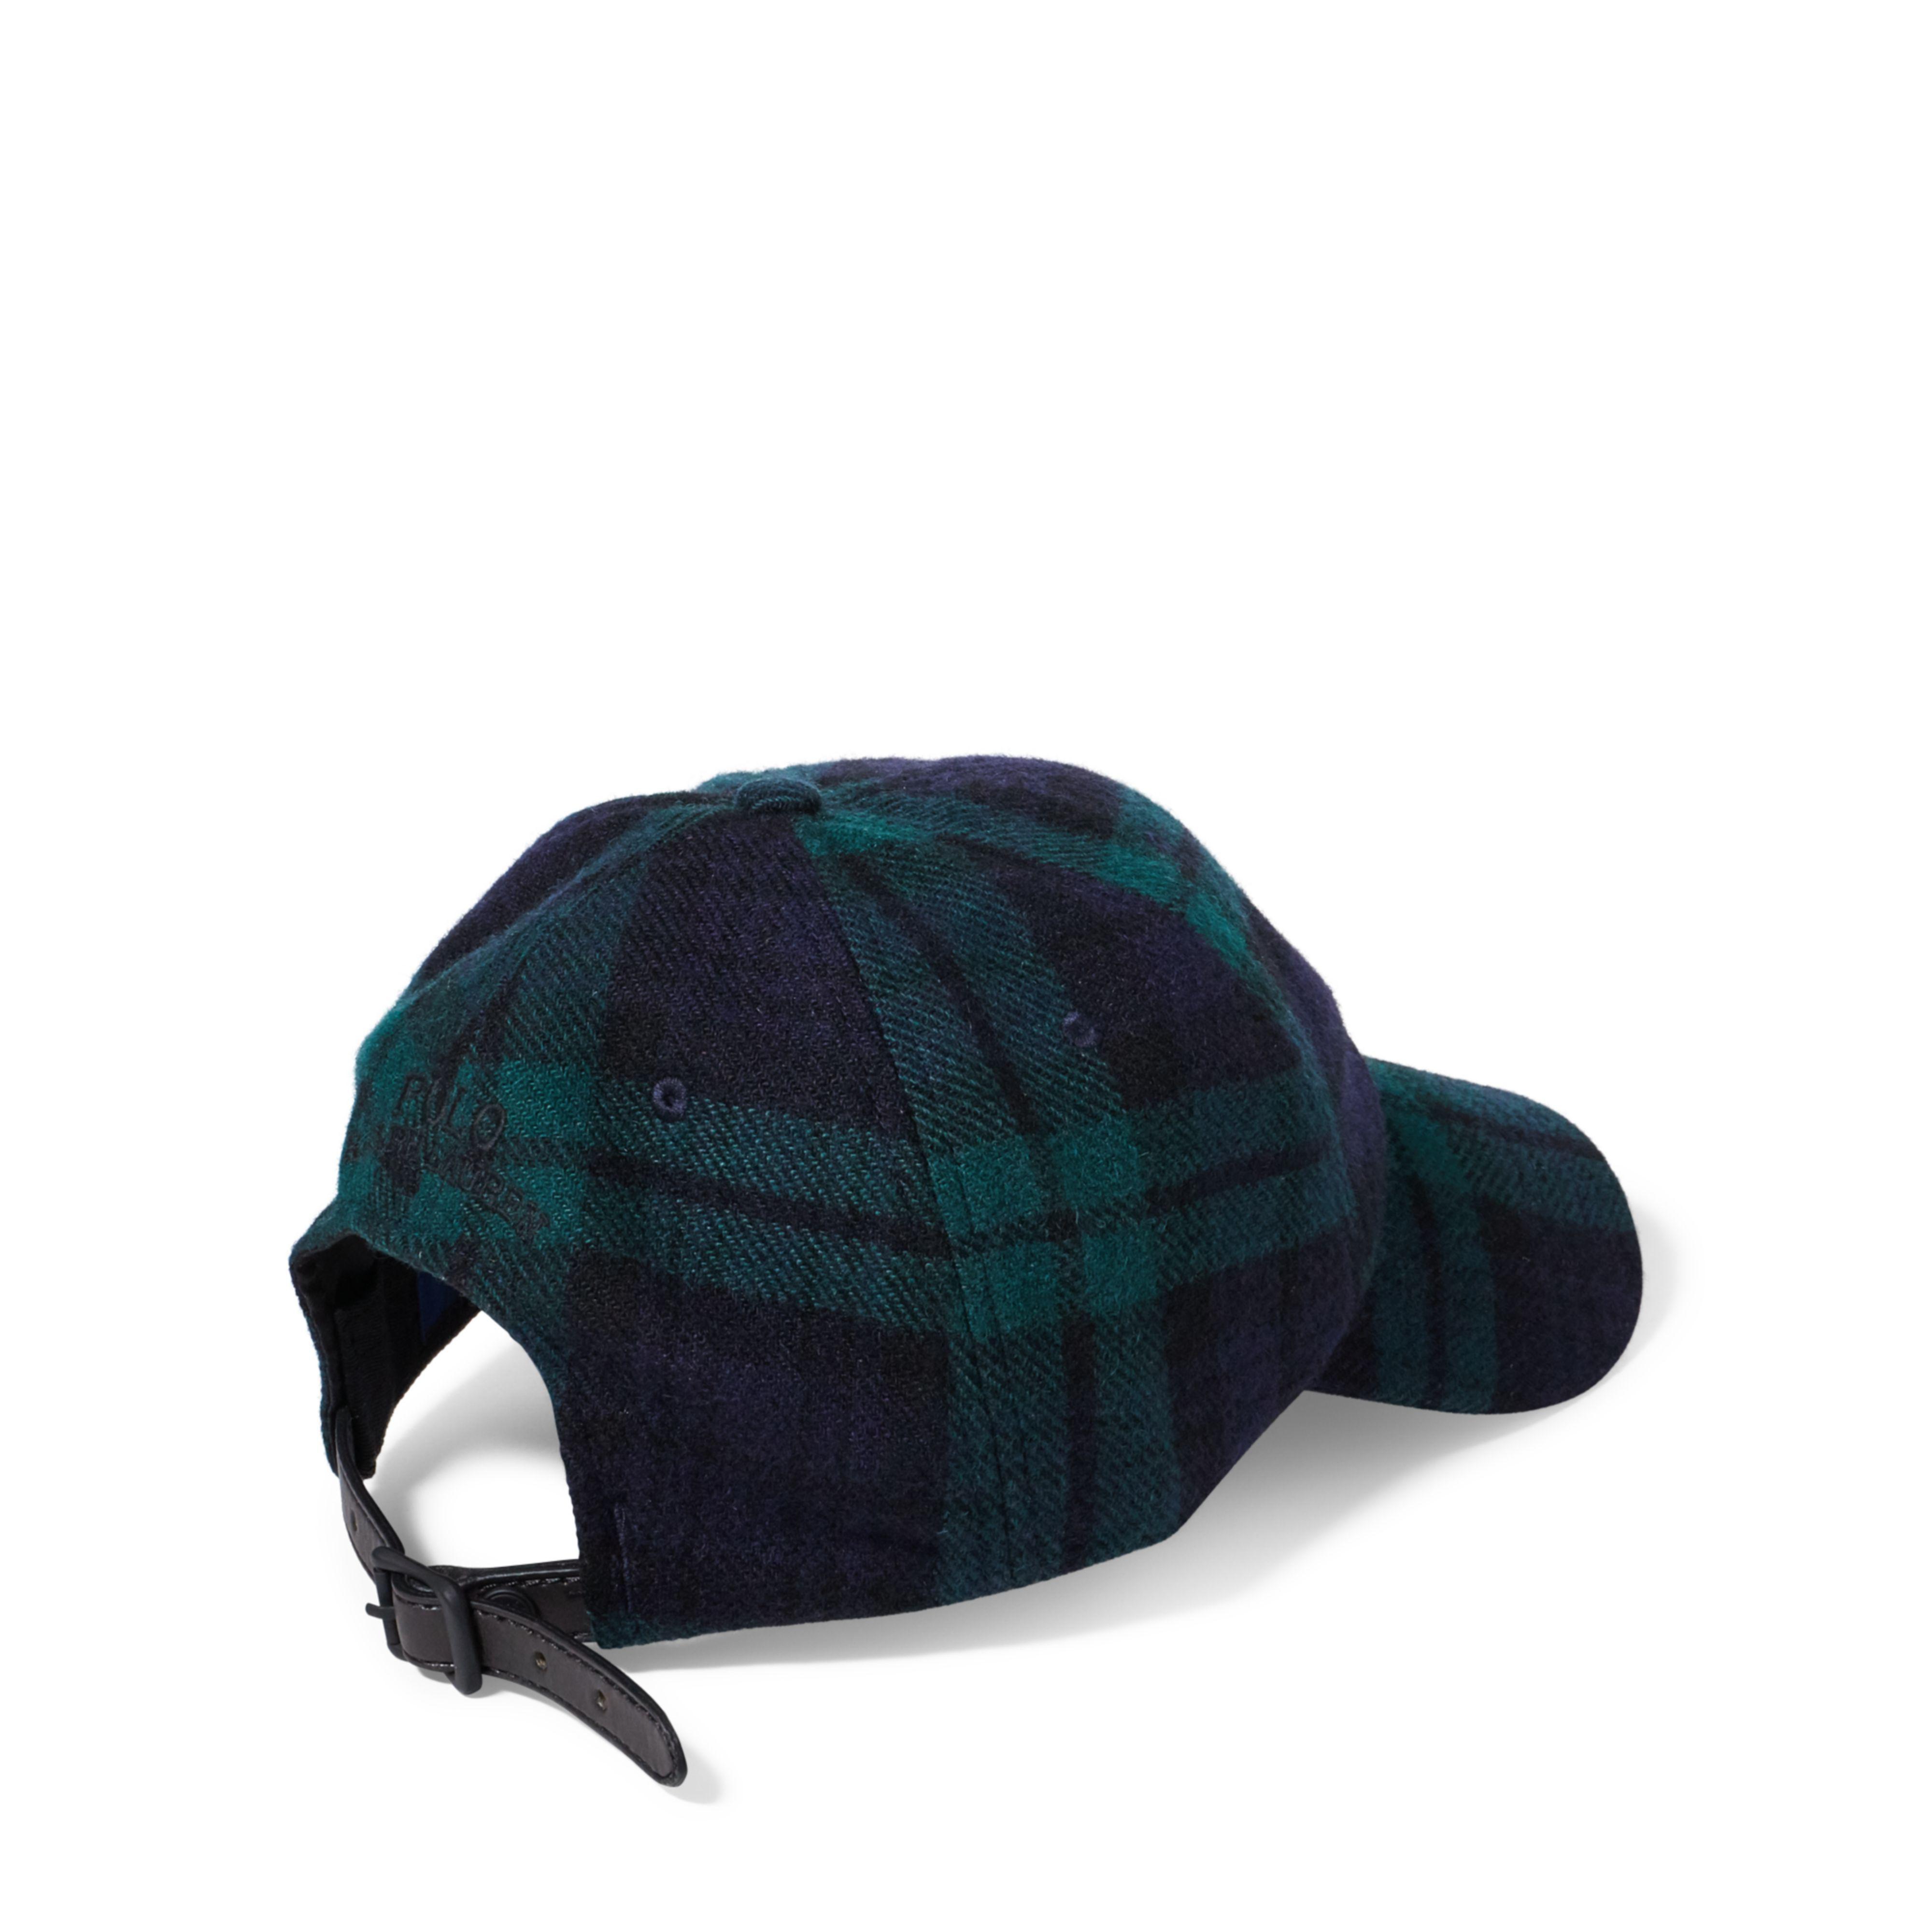 Lyst - Polo Ralph Lauren Tartan Wool-blend Fitted Cap in Blue for Men 8a3a7e9064151